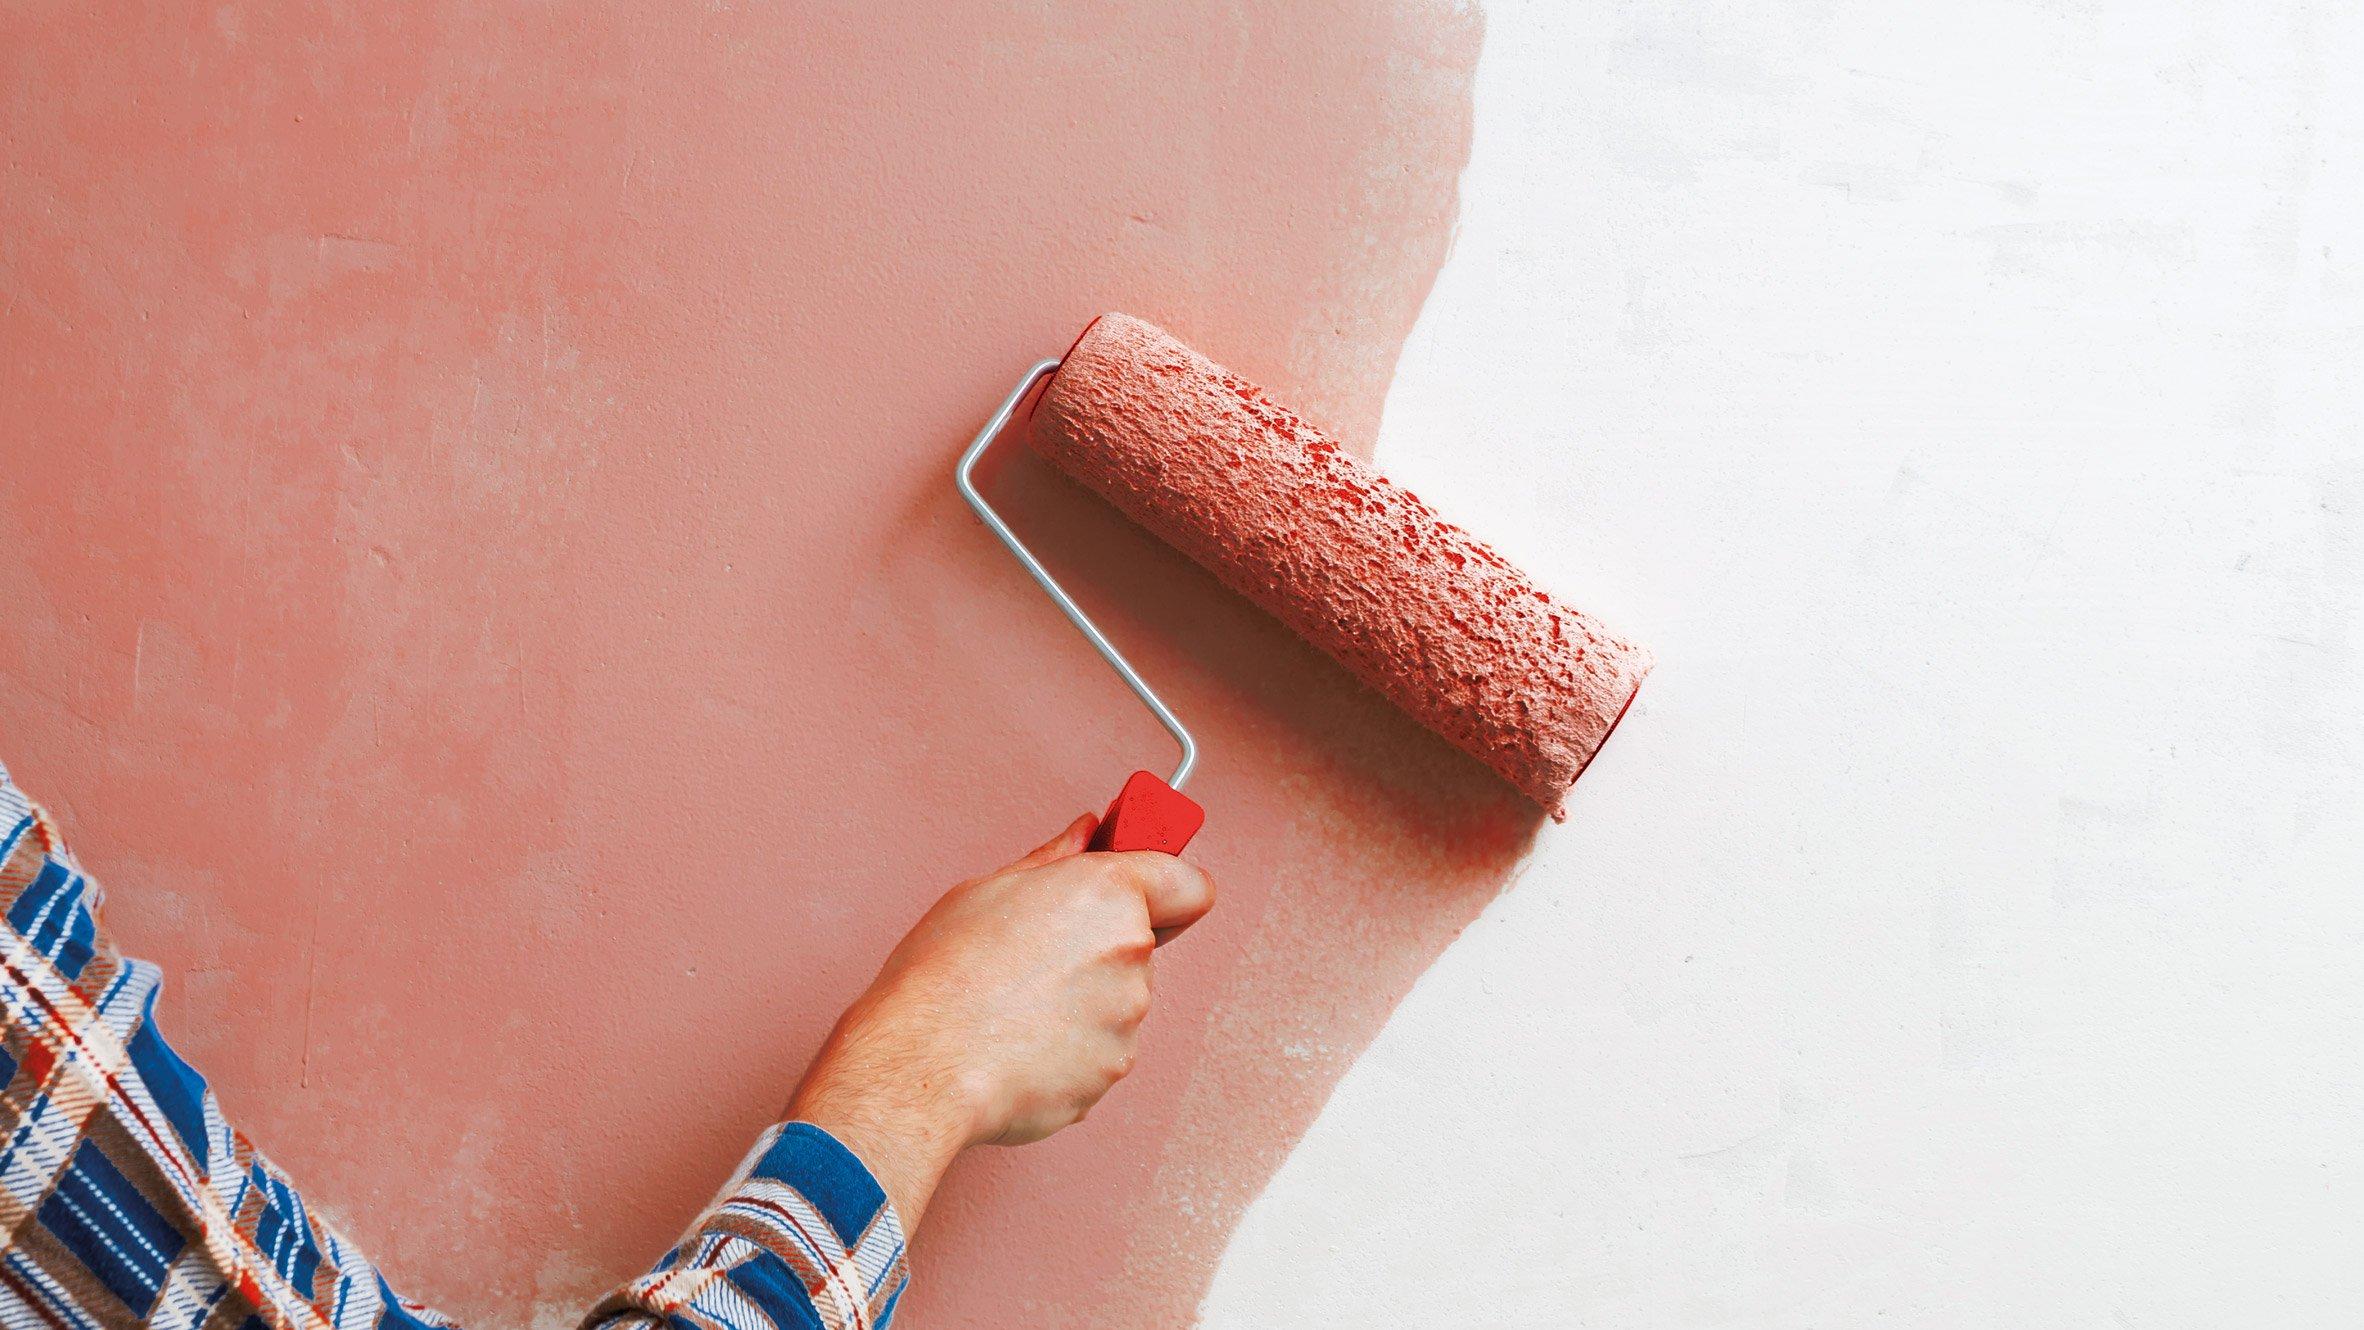 Tư vấn kinh nghiệm mở đại lý sơn dành cho người mới bắt đầu